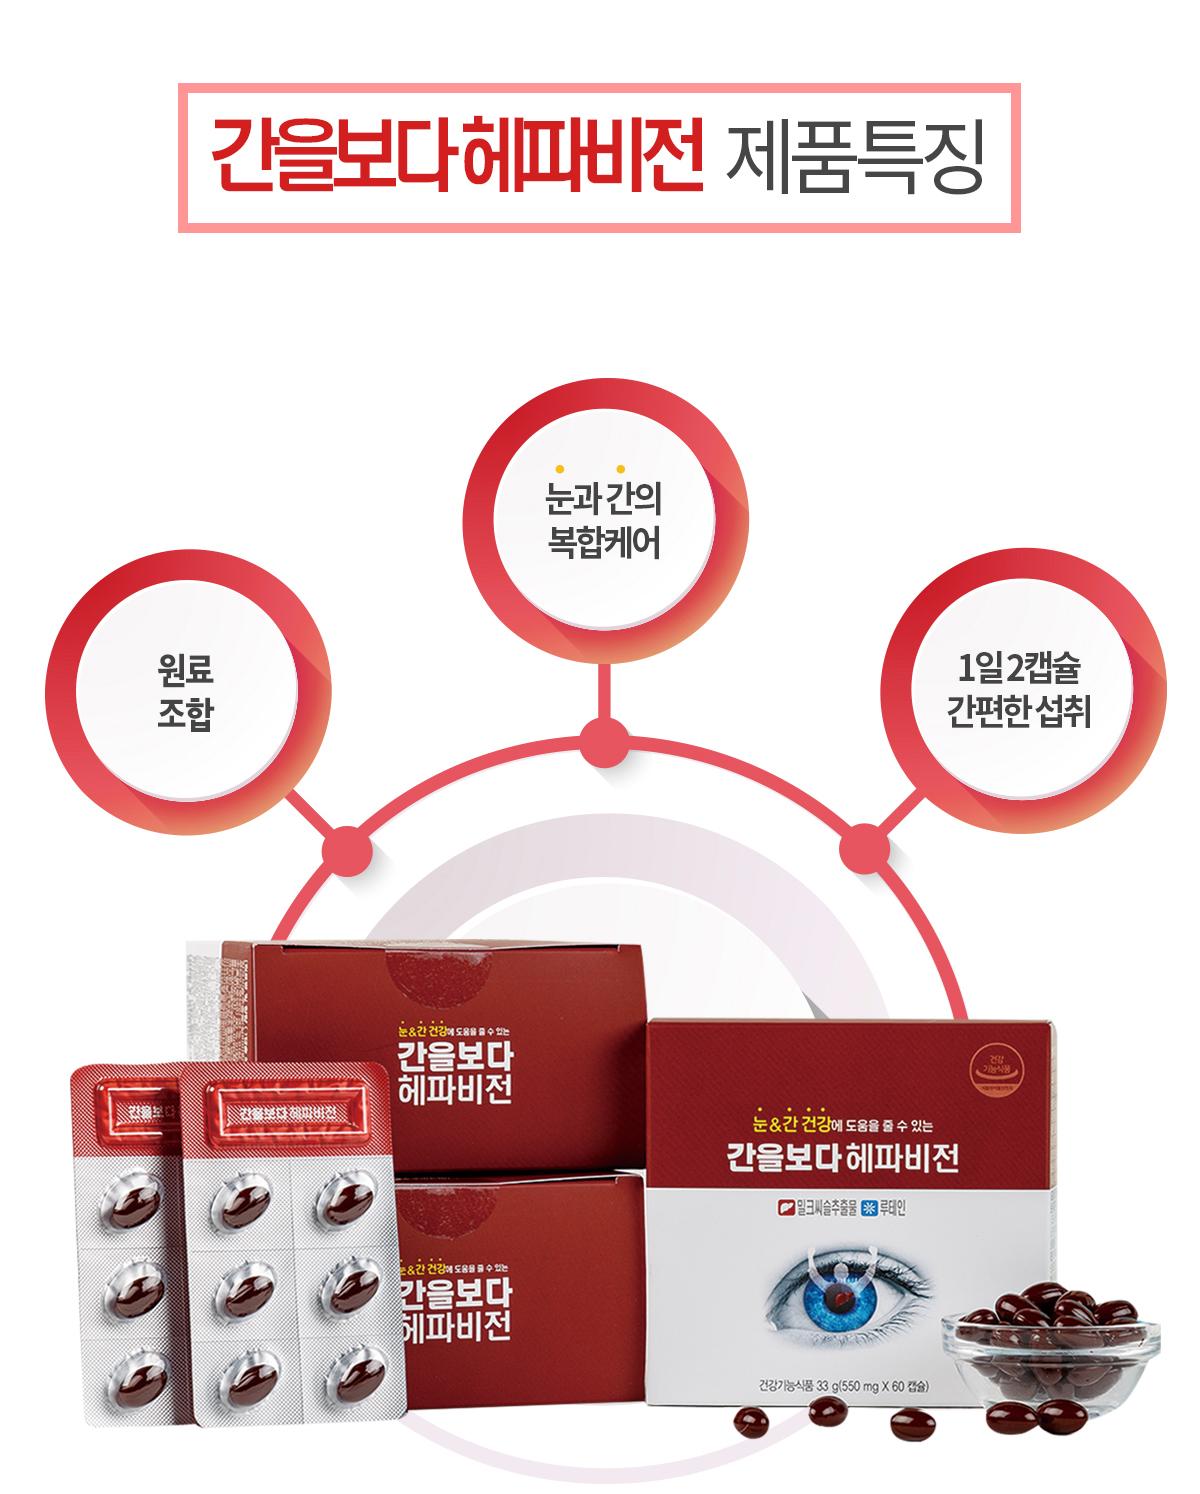 간을 보다 헤파비전 제품 특징 / 원료조합, 눈과간의 복합케어/ 1일 2캡슐 간편한 섭취